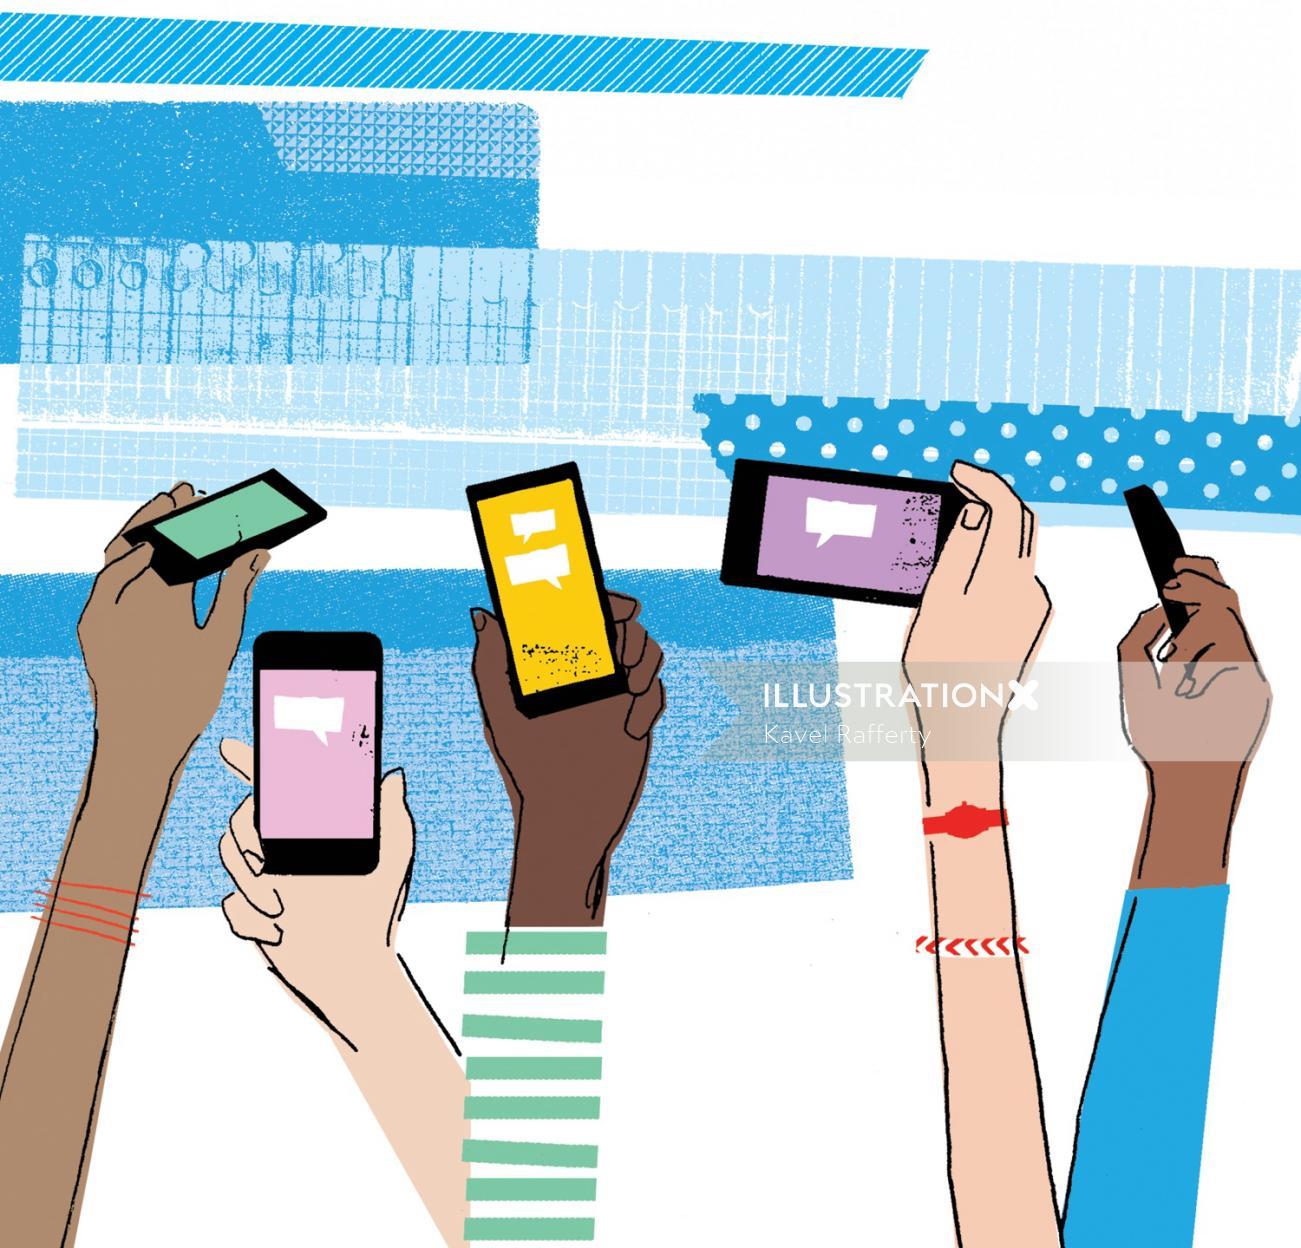 Retro art of mobiles in hands